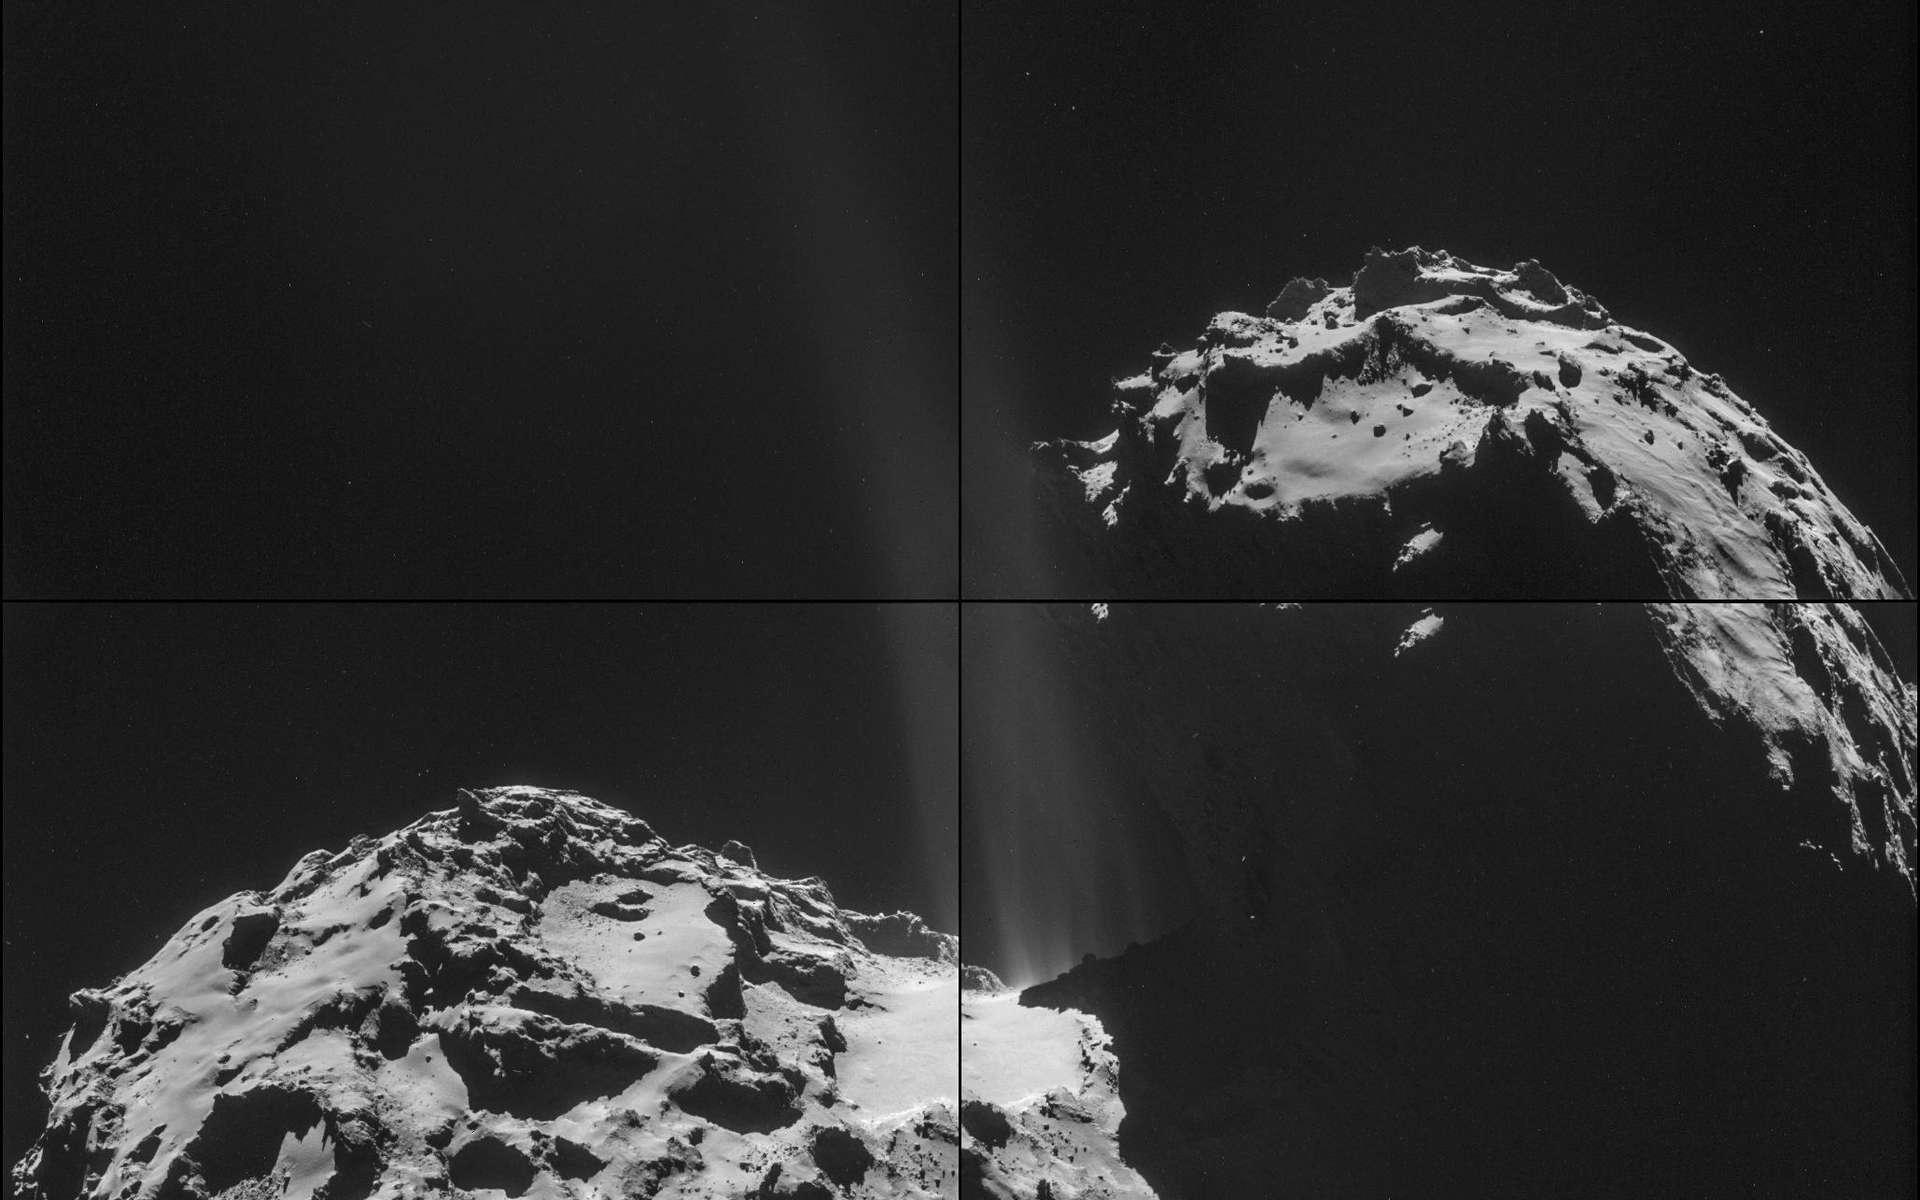 Mosaïque de 4 images de la comète 67P/Churyumov-Gerasimenko prises en l'espace de 20 mn, le 26 septembre à 26,3 km seulement du noyau. On peut observer que le dégazage le plus important provient de la région dite du cou lequel soude les deux lobes caractéristiques de cet astre d'environ 4 km de longueur. © Esa, Rosetta, NavCam